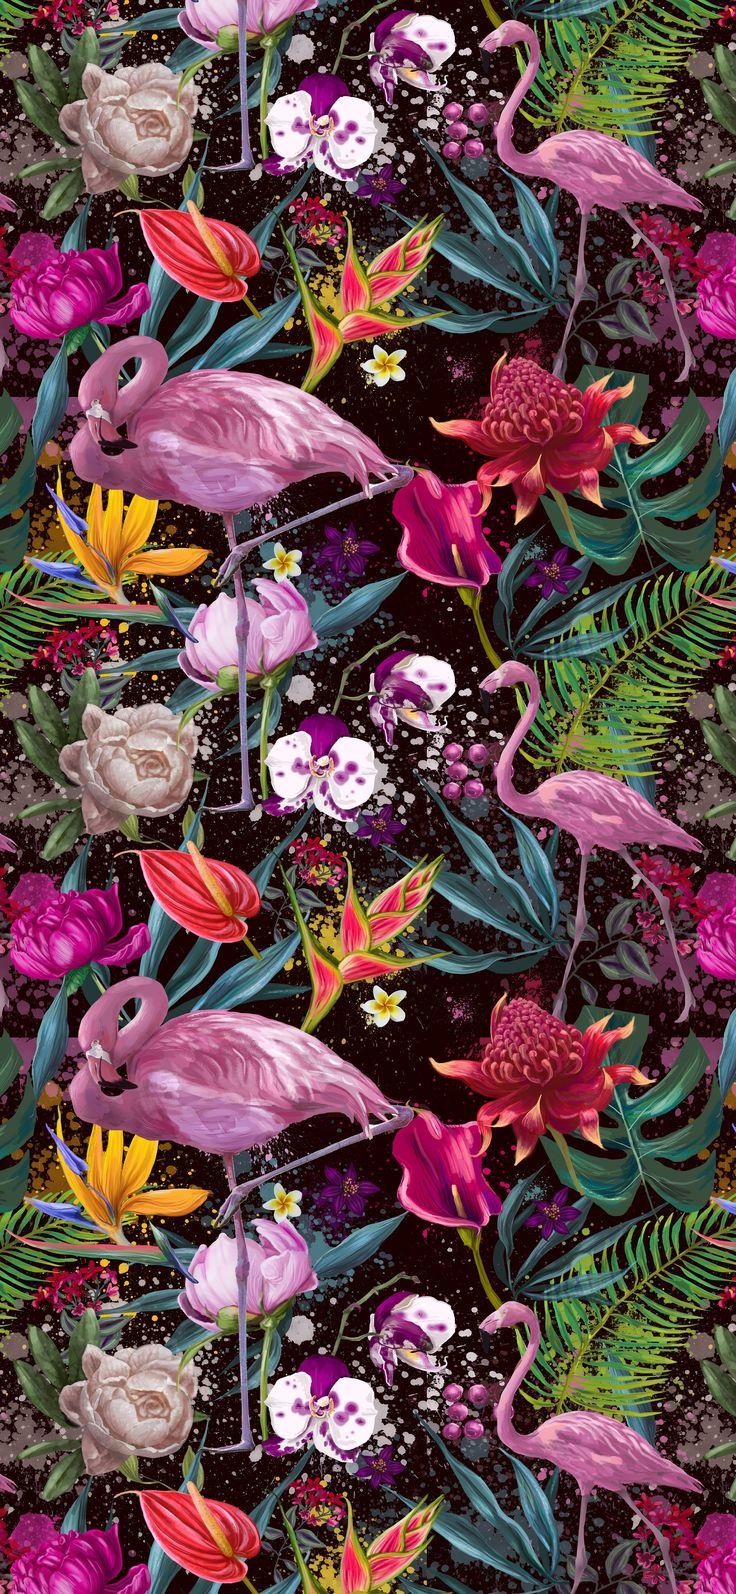 Tapeta na ścianę z modnymi motywami tropikalnymi: egzotyczne kwiaty, liście monstery i kolorowe flamingi. Oto pomysł na niezapomnianą dekorację do salonu!